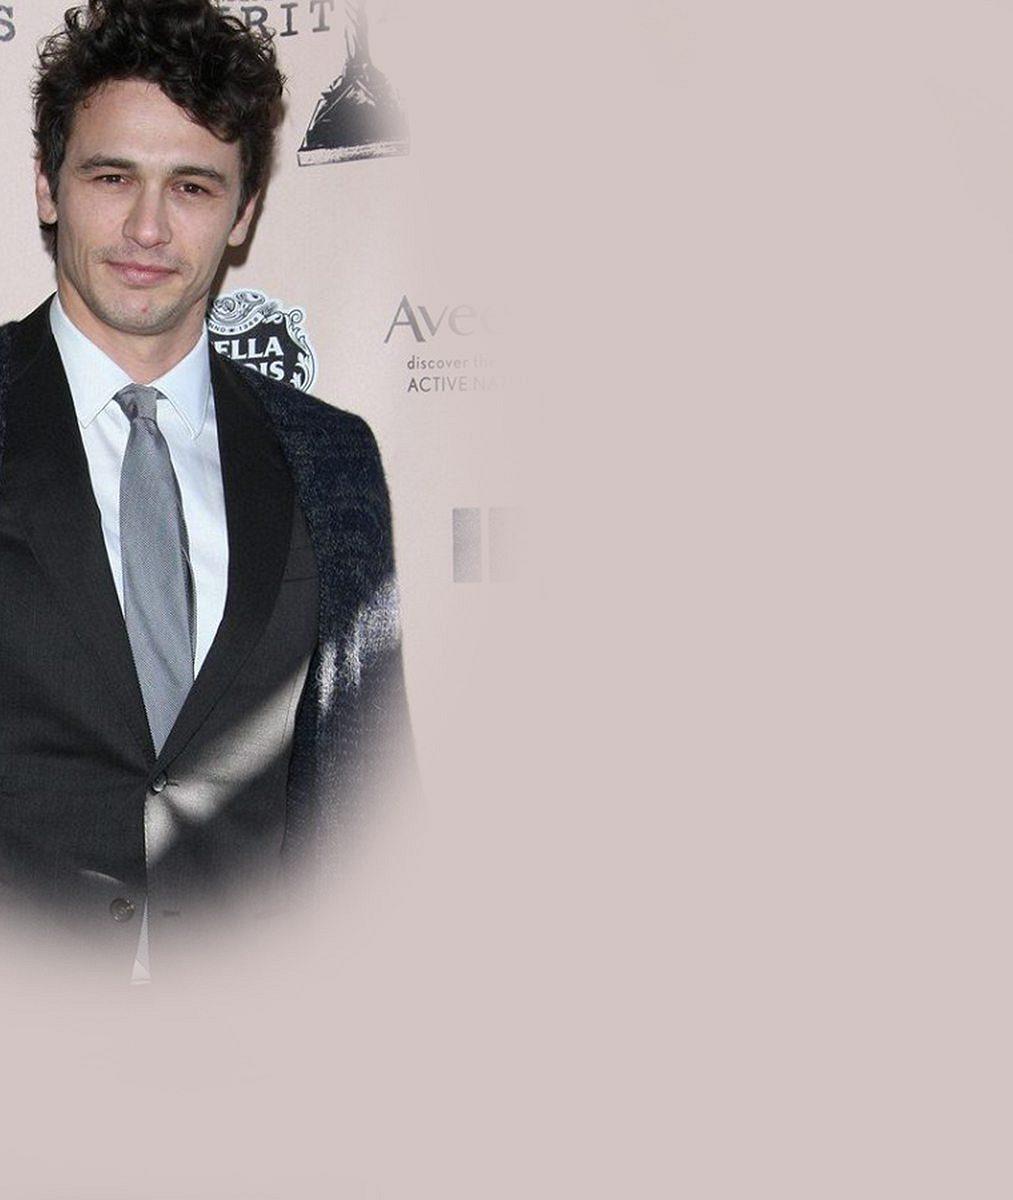 Hollywoodský herec, který byl nařčený ze sexuálních zločinů, sbalil o 15 let mladší herečku. Takhle jí to sluší v bikinách